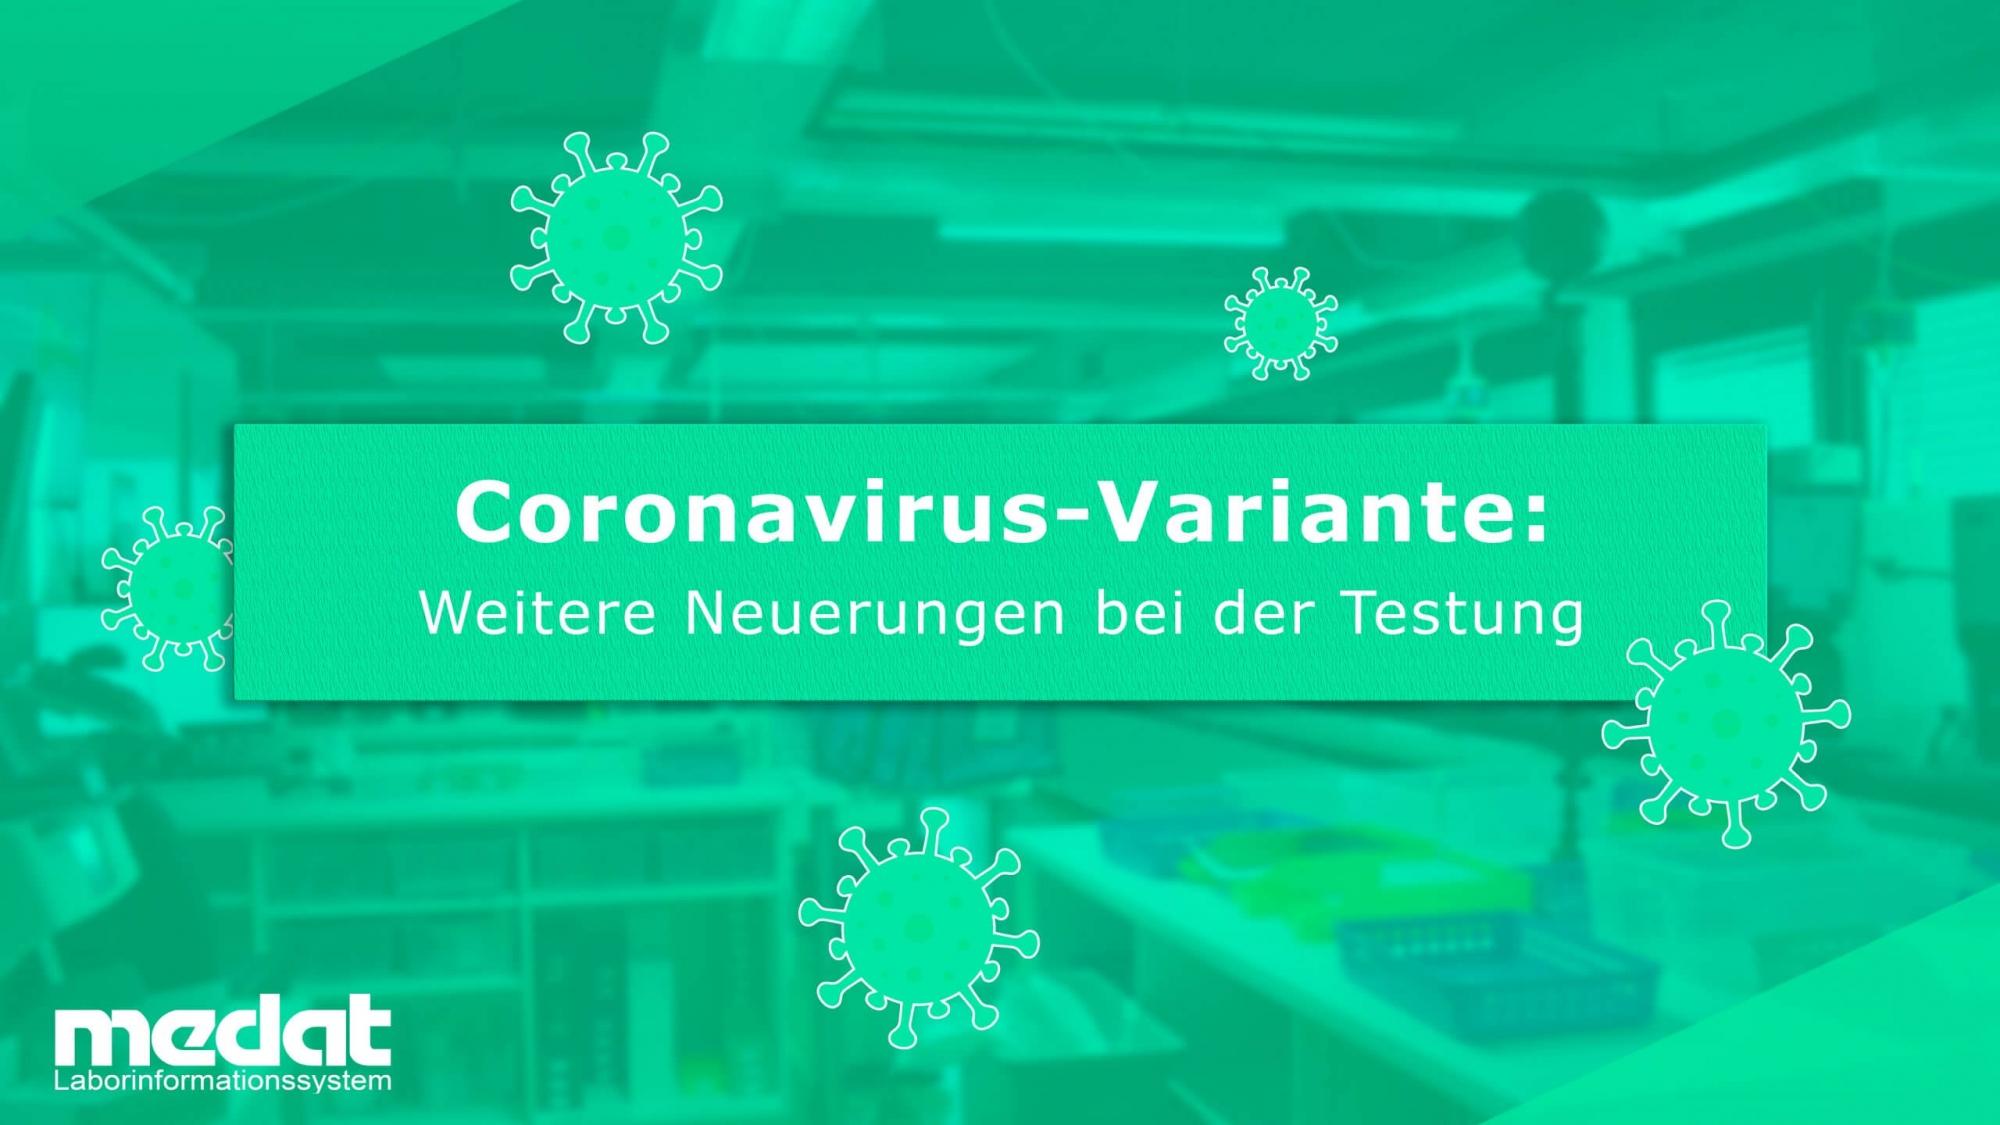 Medat Laborinformationssystem hilft bei Testungen des Coronavirus